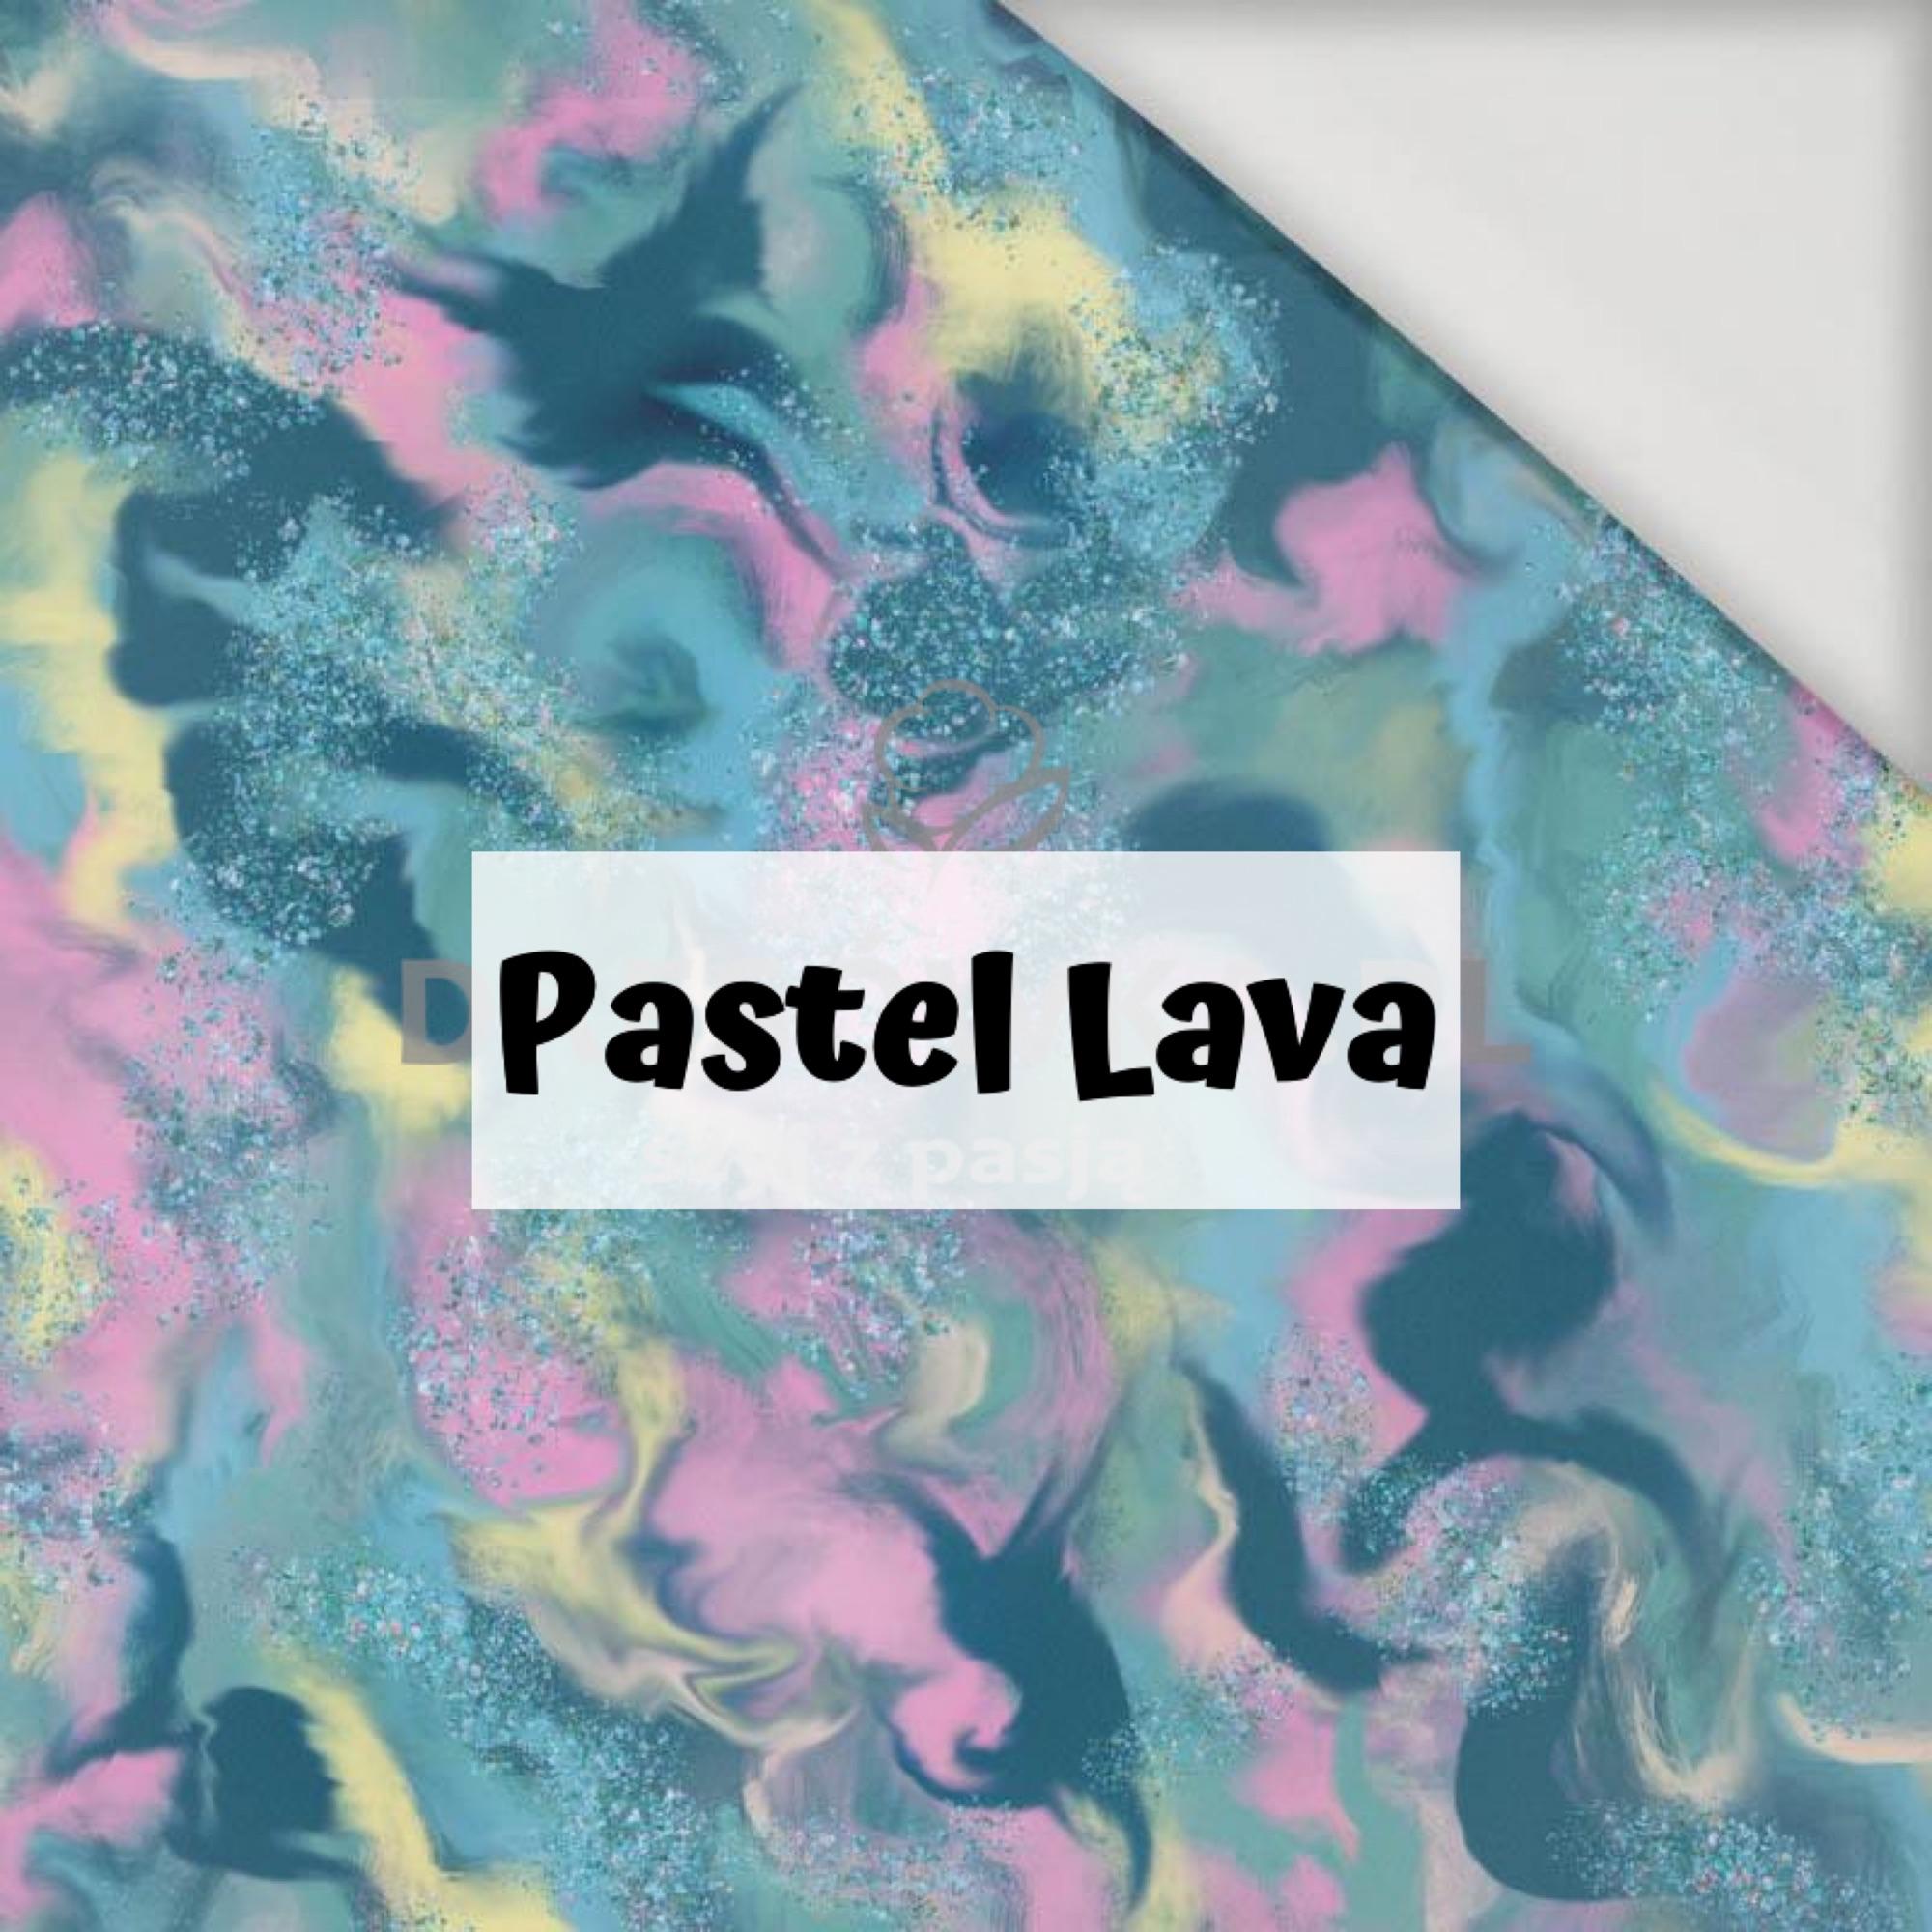 Pastel Lava